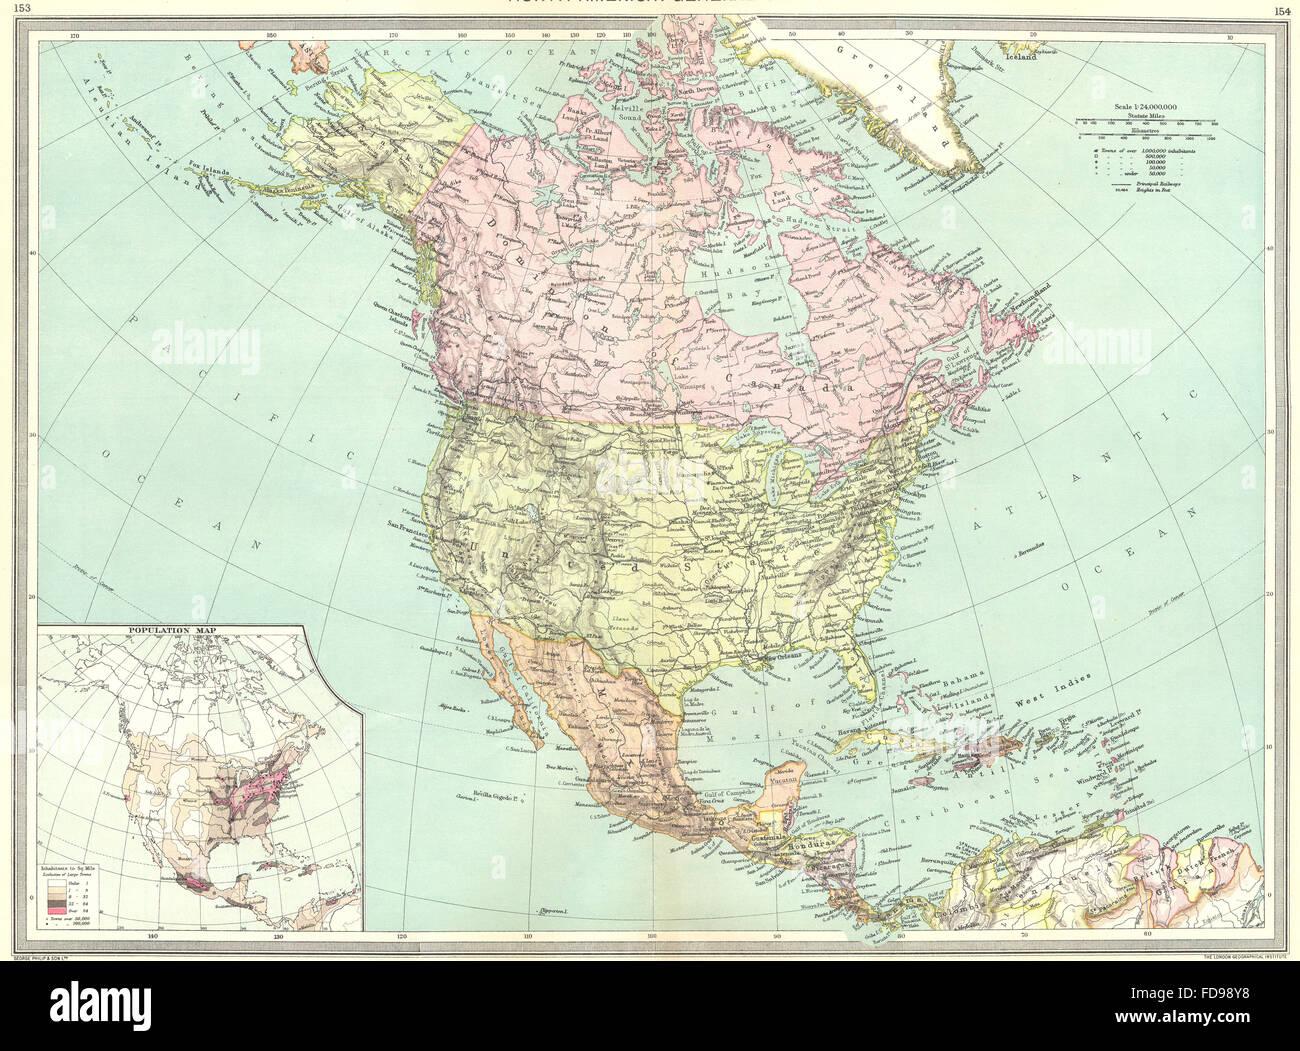 Karte Nordamerikas.Nordamerika Karte Stockfotos Nordamerika Karte Bilder Alamy